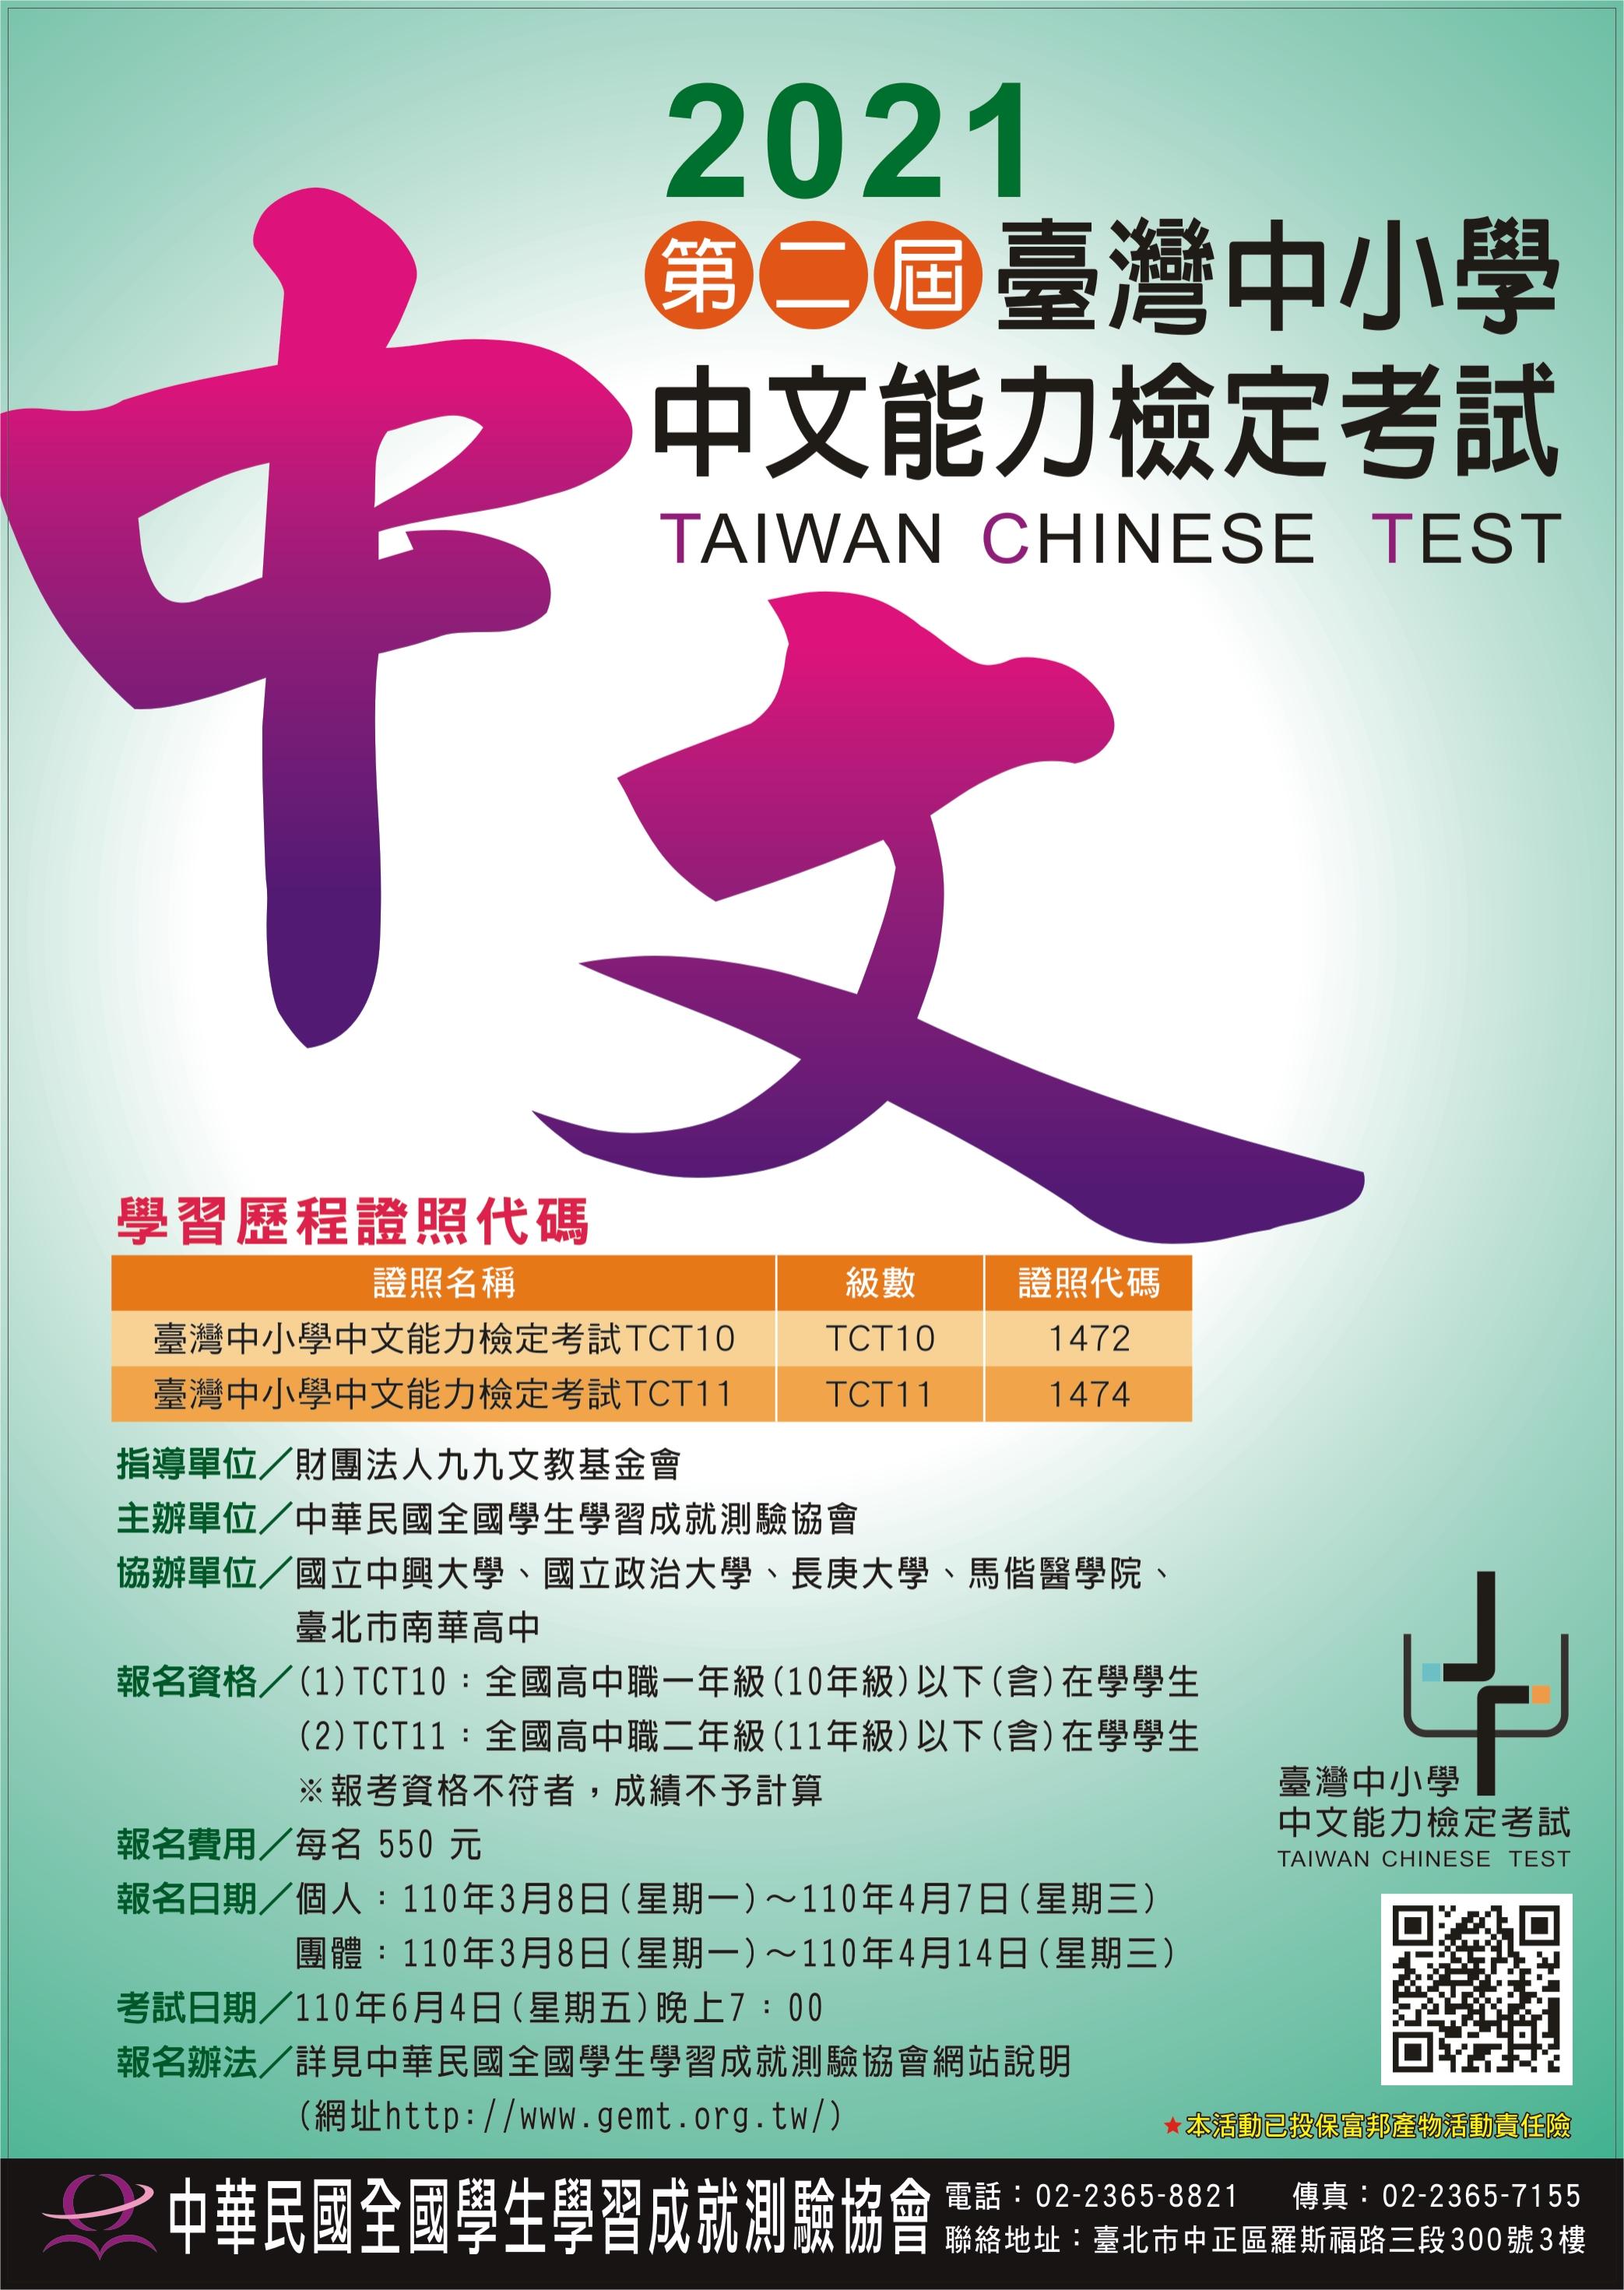 2021臺灣中小學中文考試海報